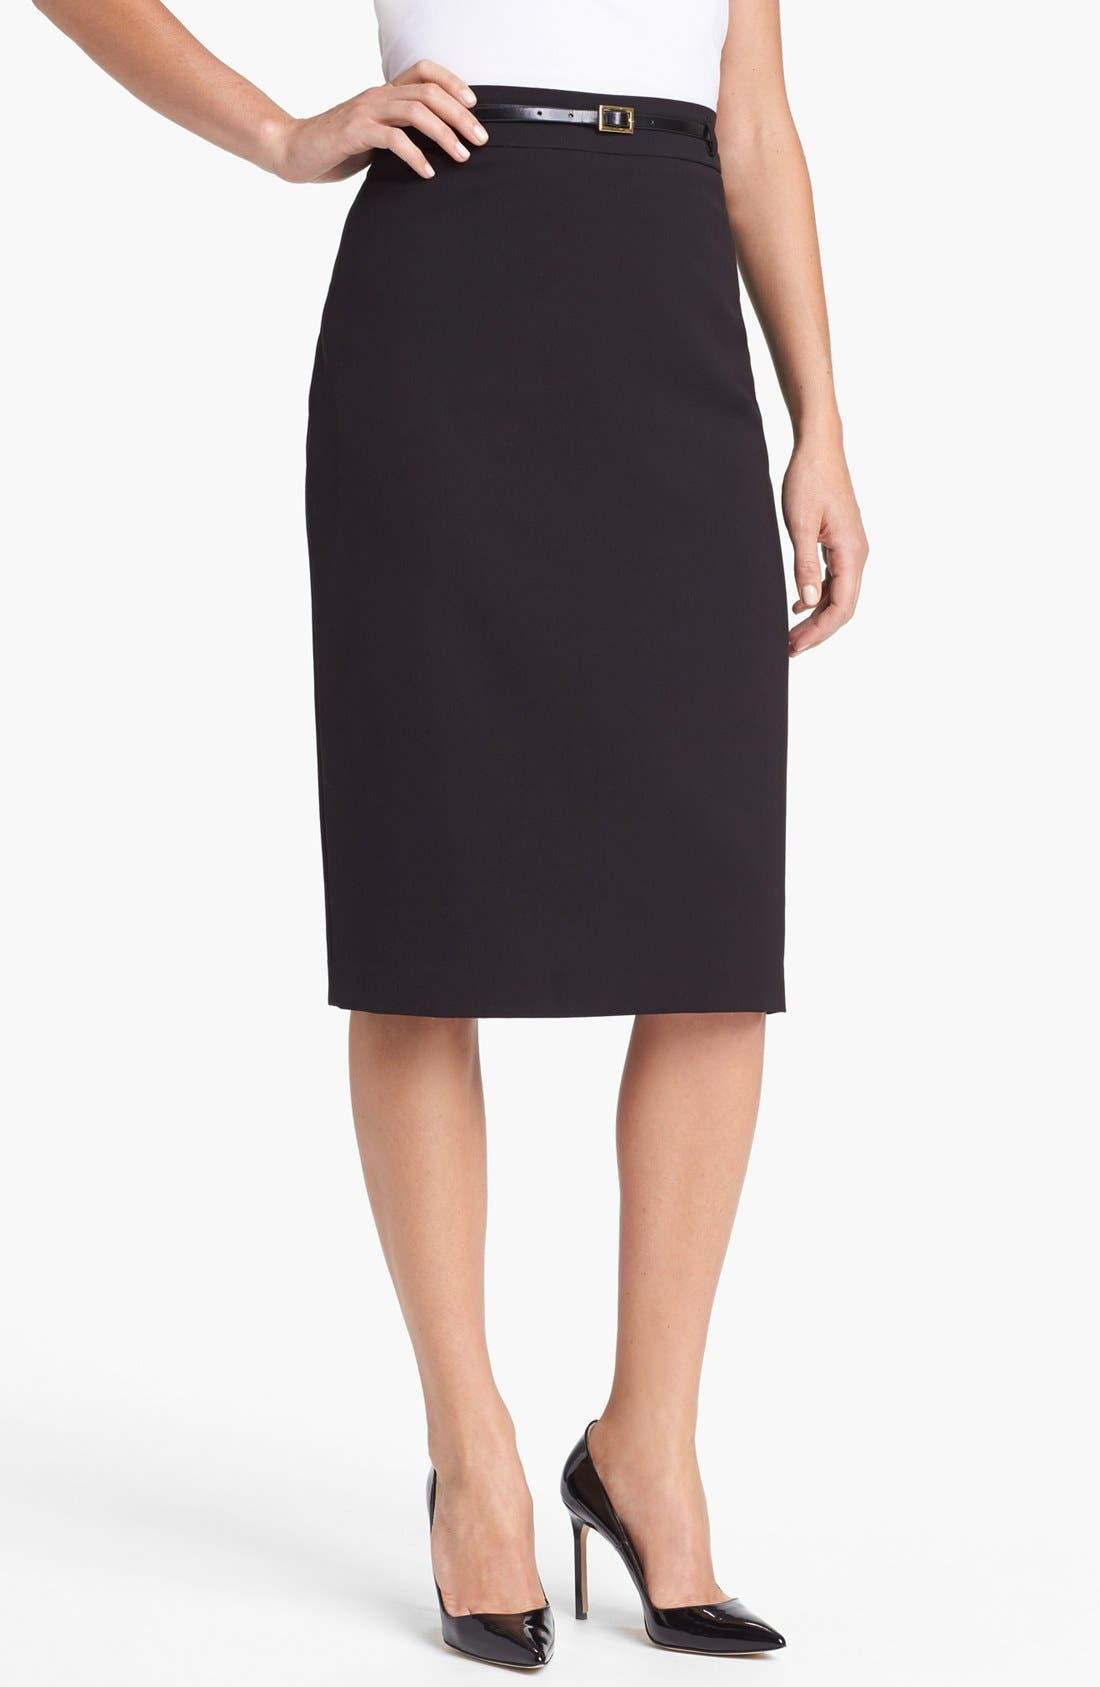 Alternate Image 1 Selected - Jones New York 'Jacqueline' Belted Column Skirt